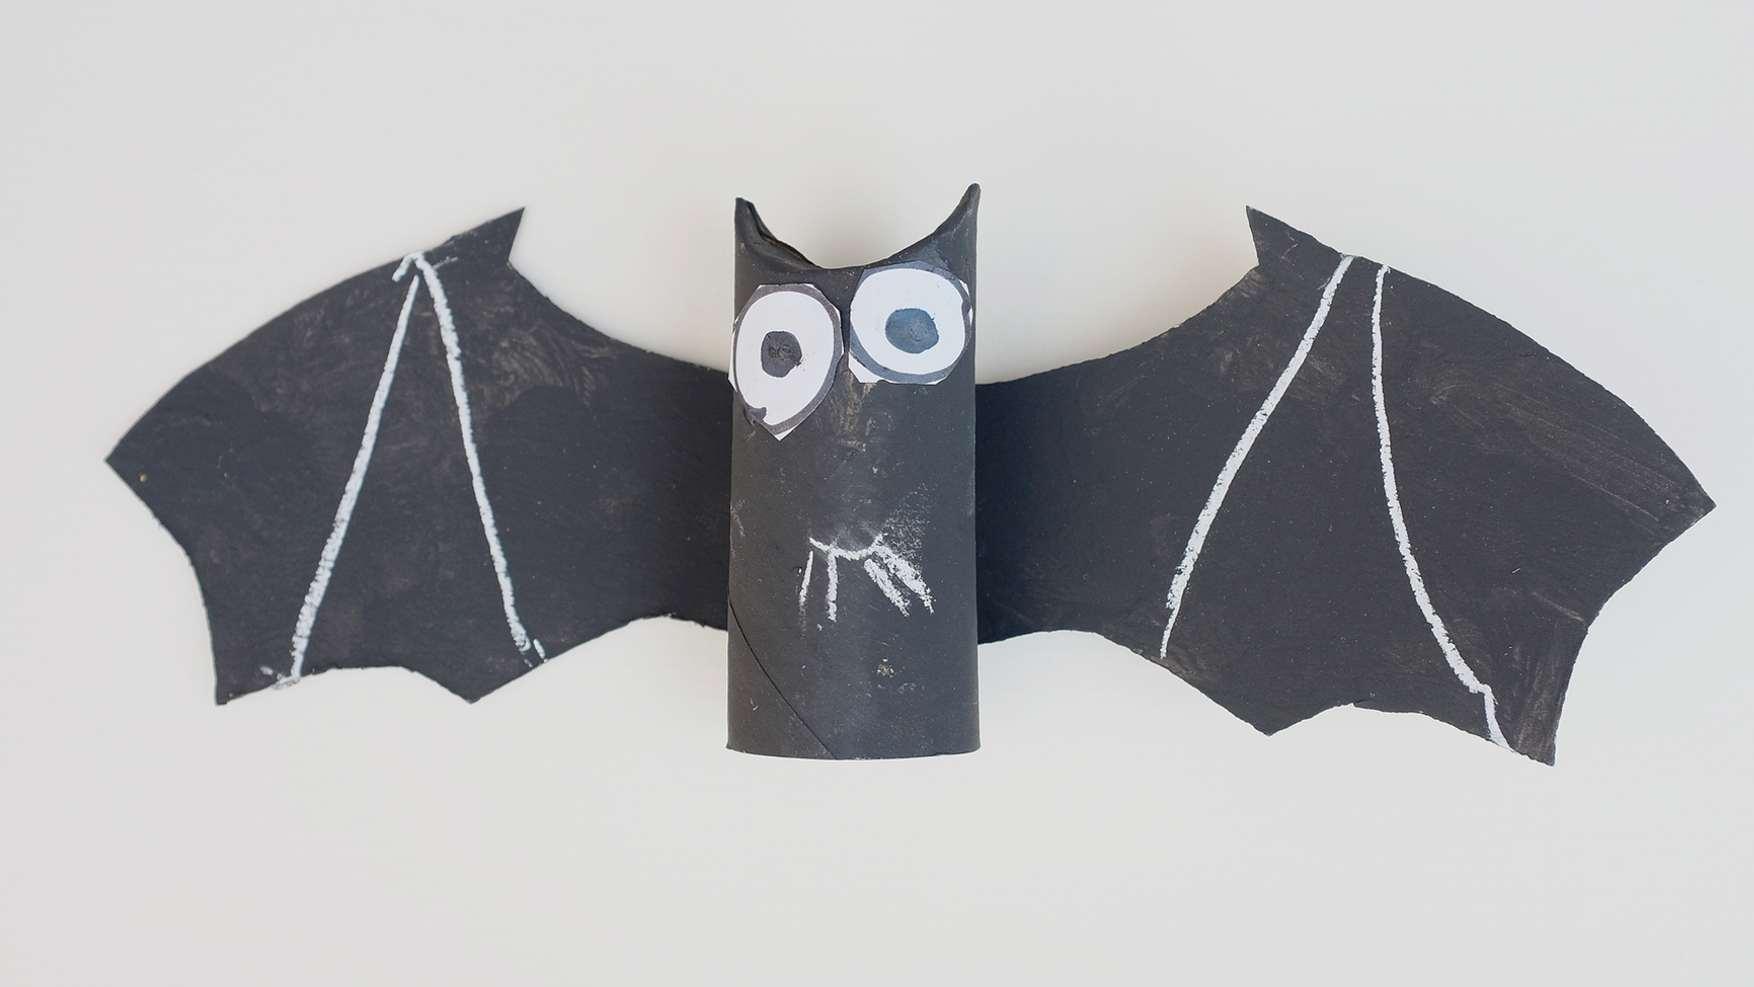 vleermuizen - doe het zelf vleermuis van wc rol en karton - verven en klaar!